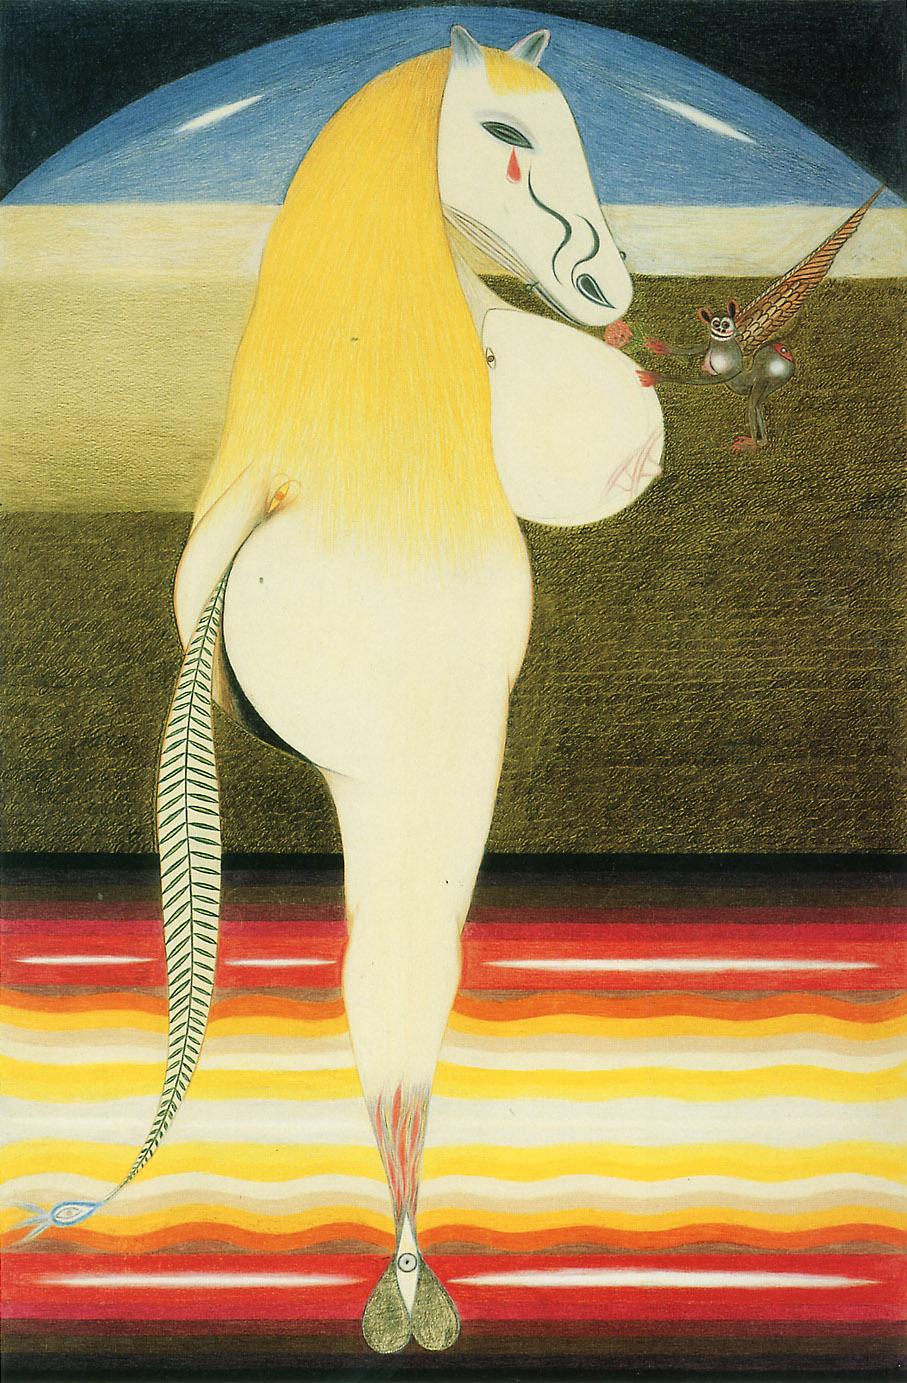 FRIEDRICH SCHRÖDER-SONNENSTERN - The Sad Horse ,1959